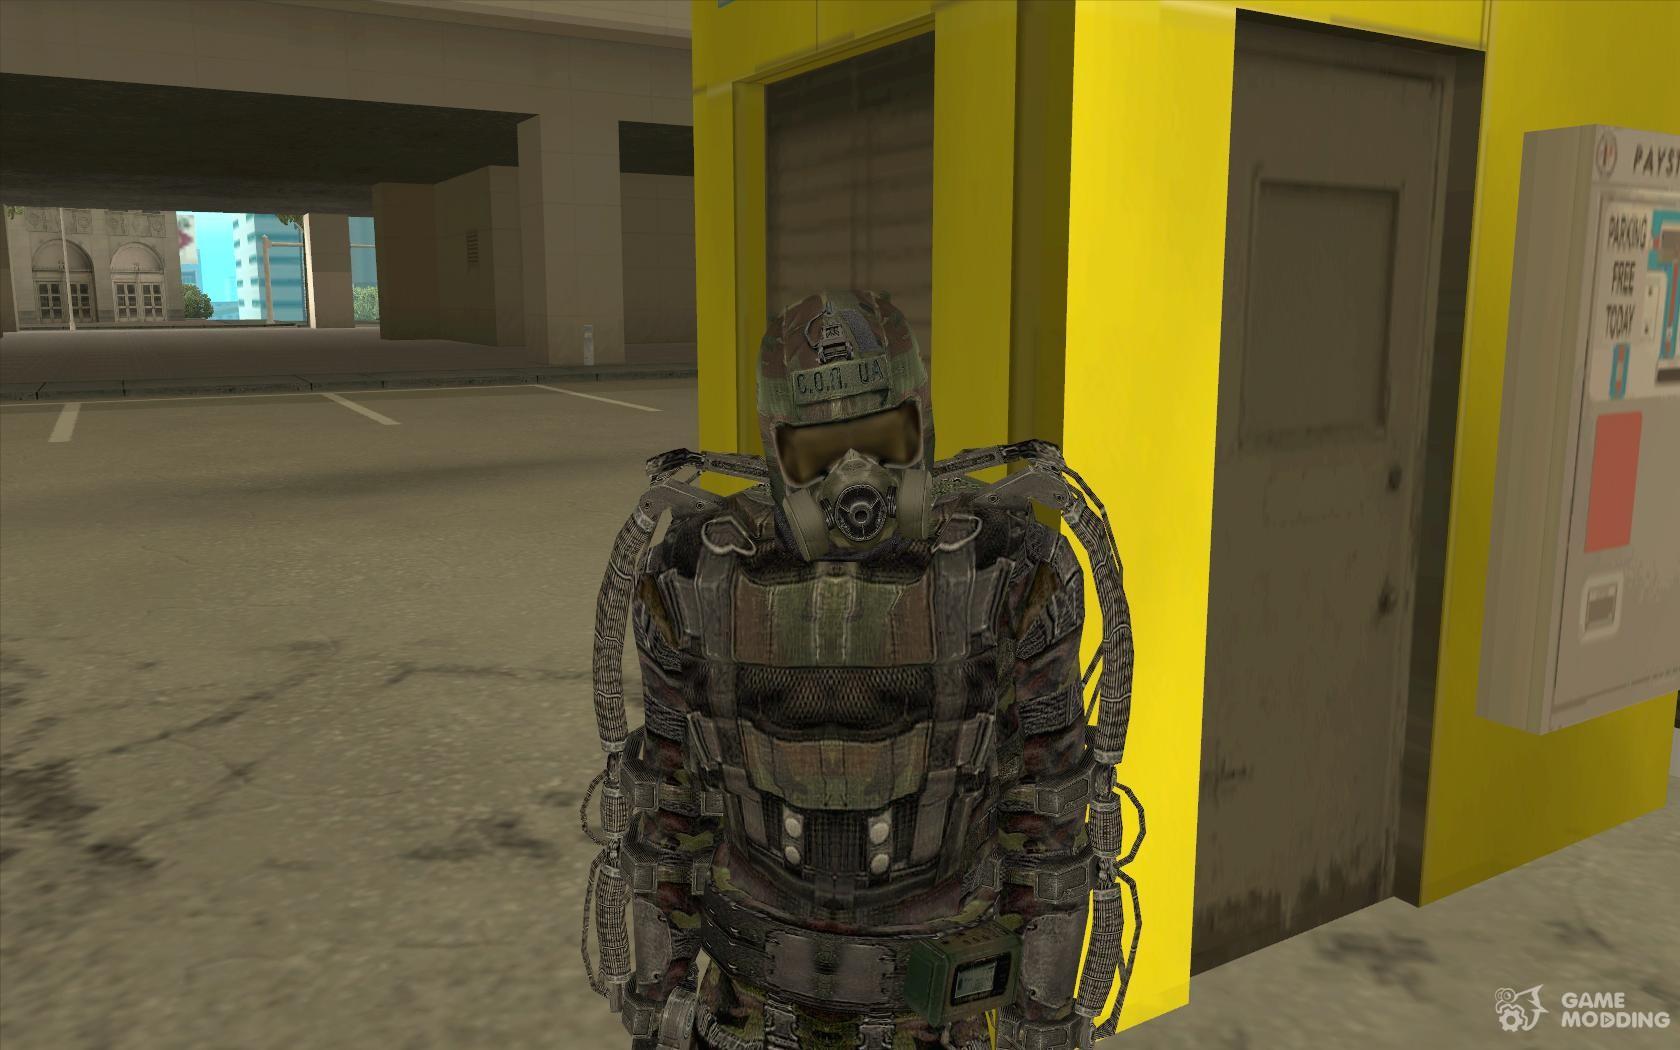 Пак оружия и скинов из игры s. T. A. L. K. E. R. V2 для gta san andreas.